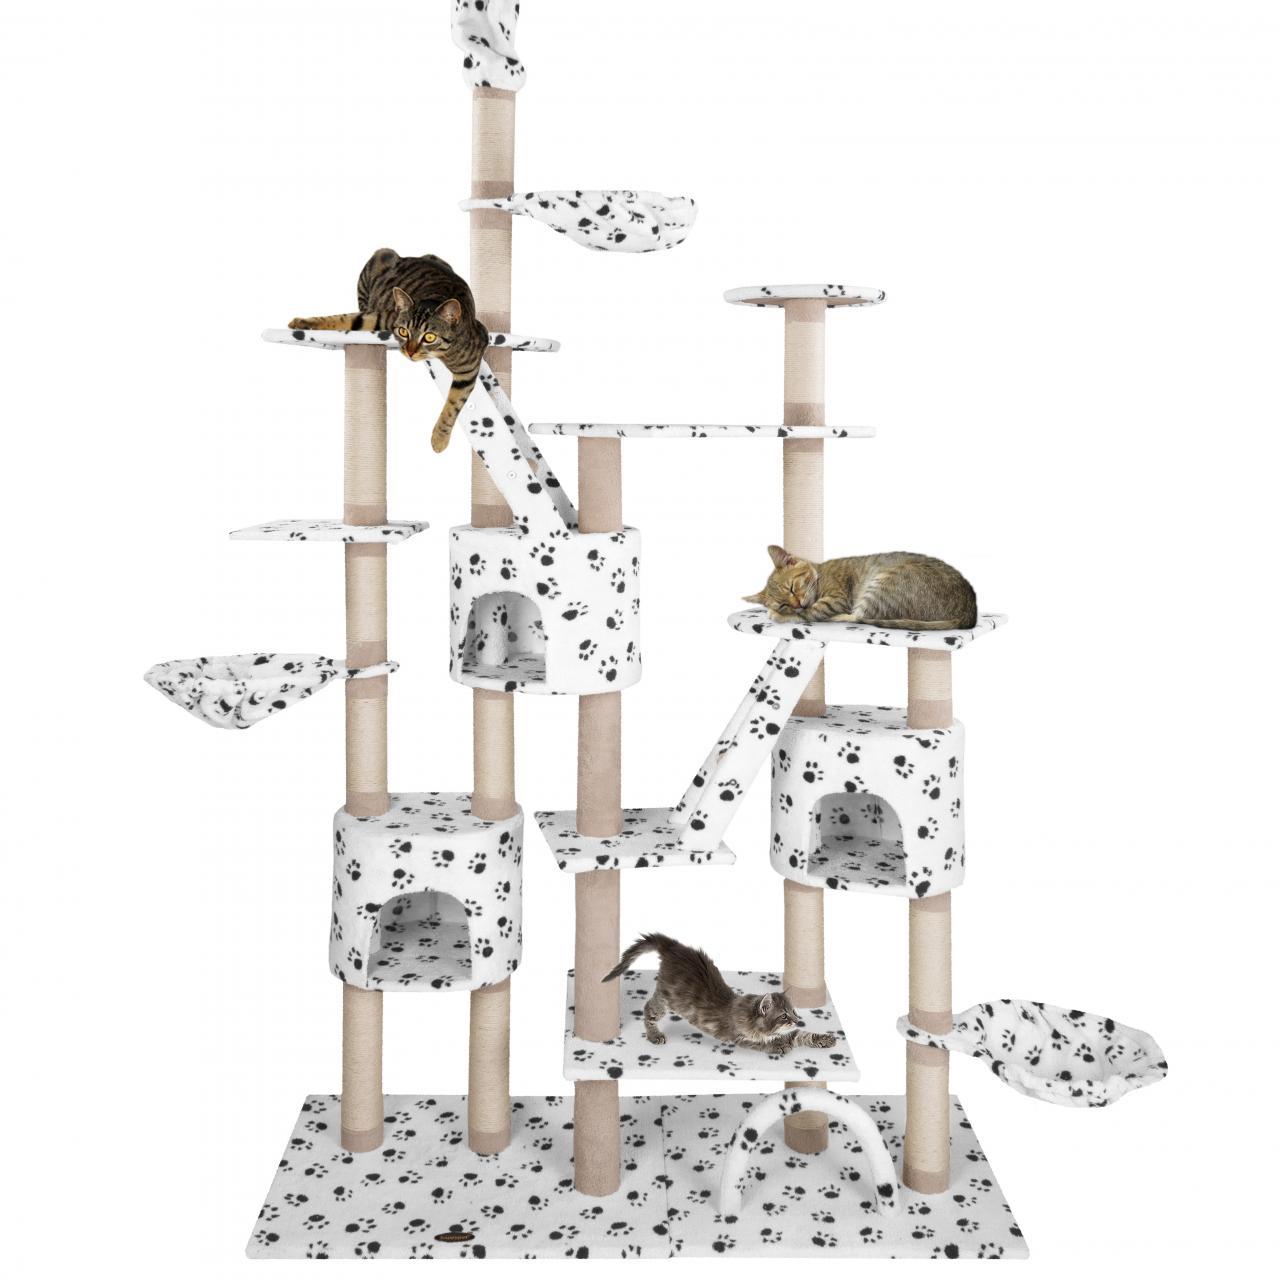 Kratzbaum-Katzenkratzbaum-Katzenbaum-Kletterbaum-Hoehlen-Liegemulde-deckenhoch